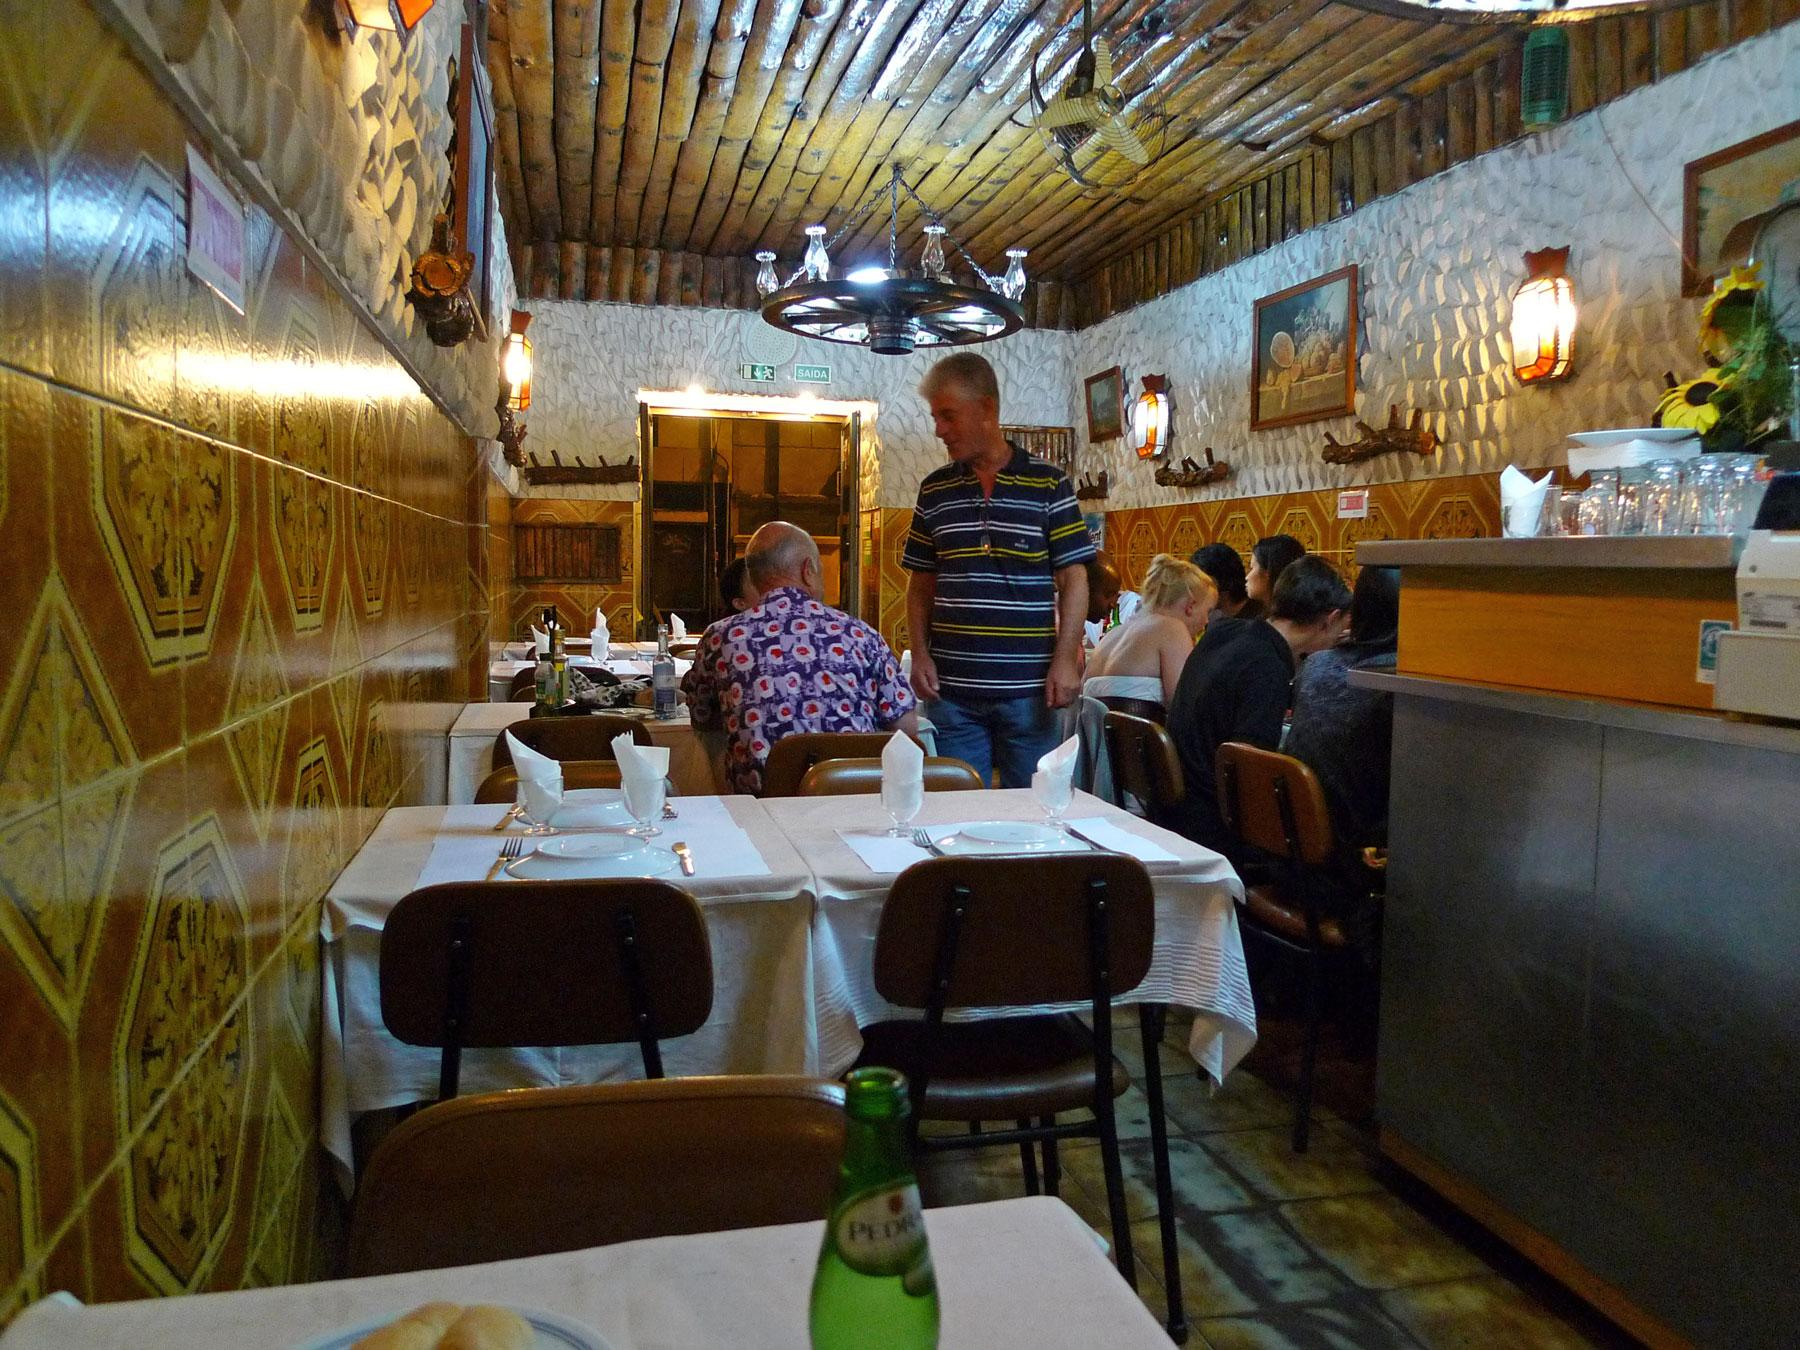 リスボン「ホテルセテコリナース」から徒歩数分のレストランの店内 撮影:DMC-LX3,